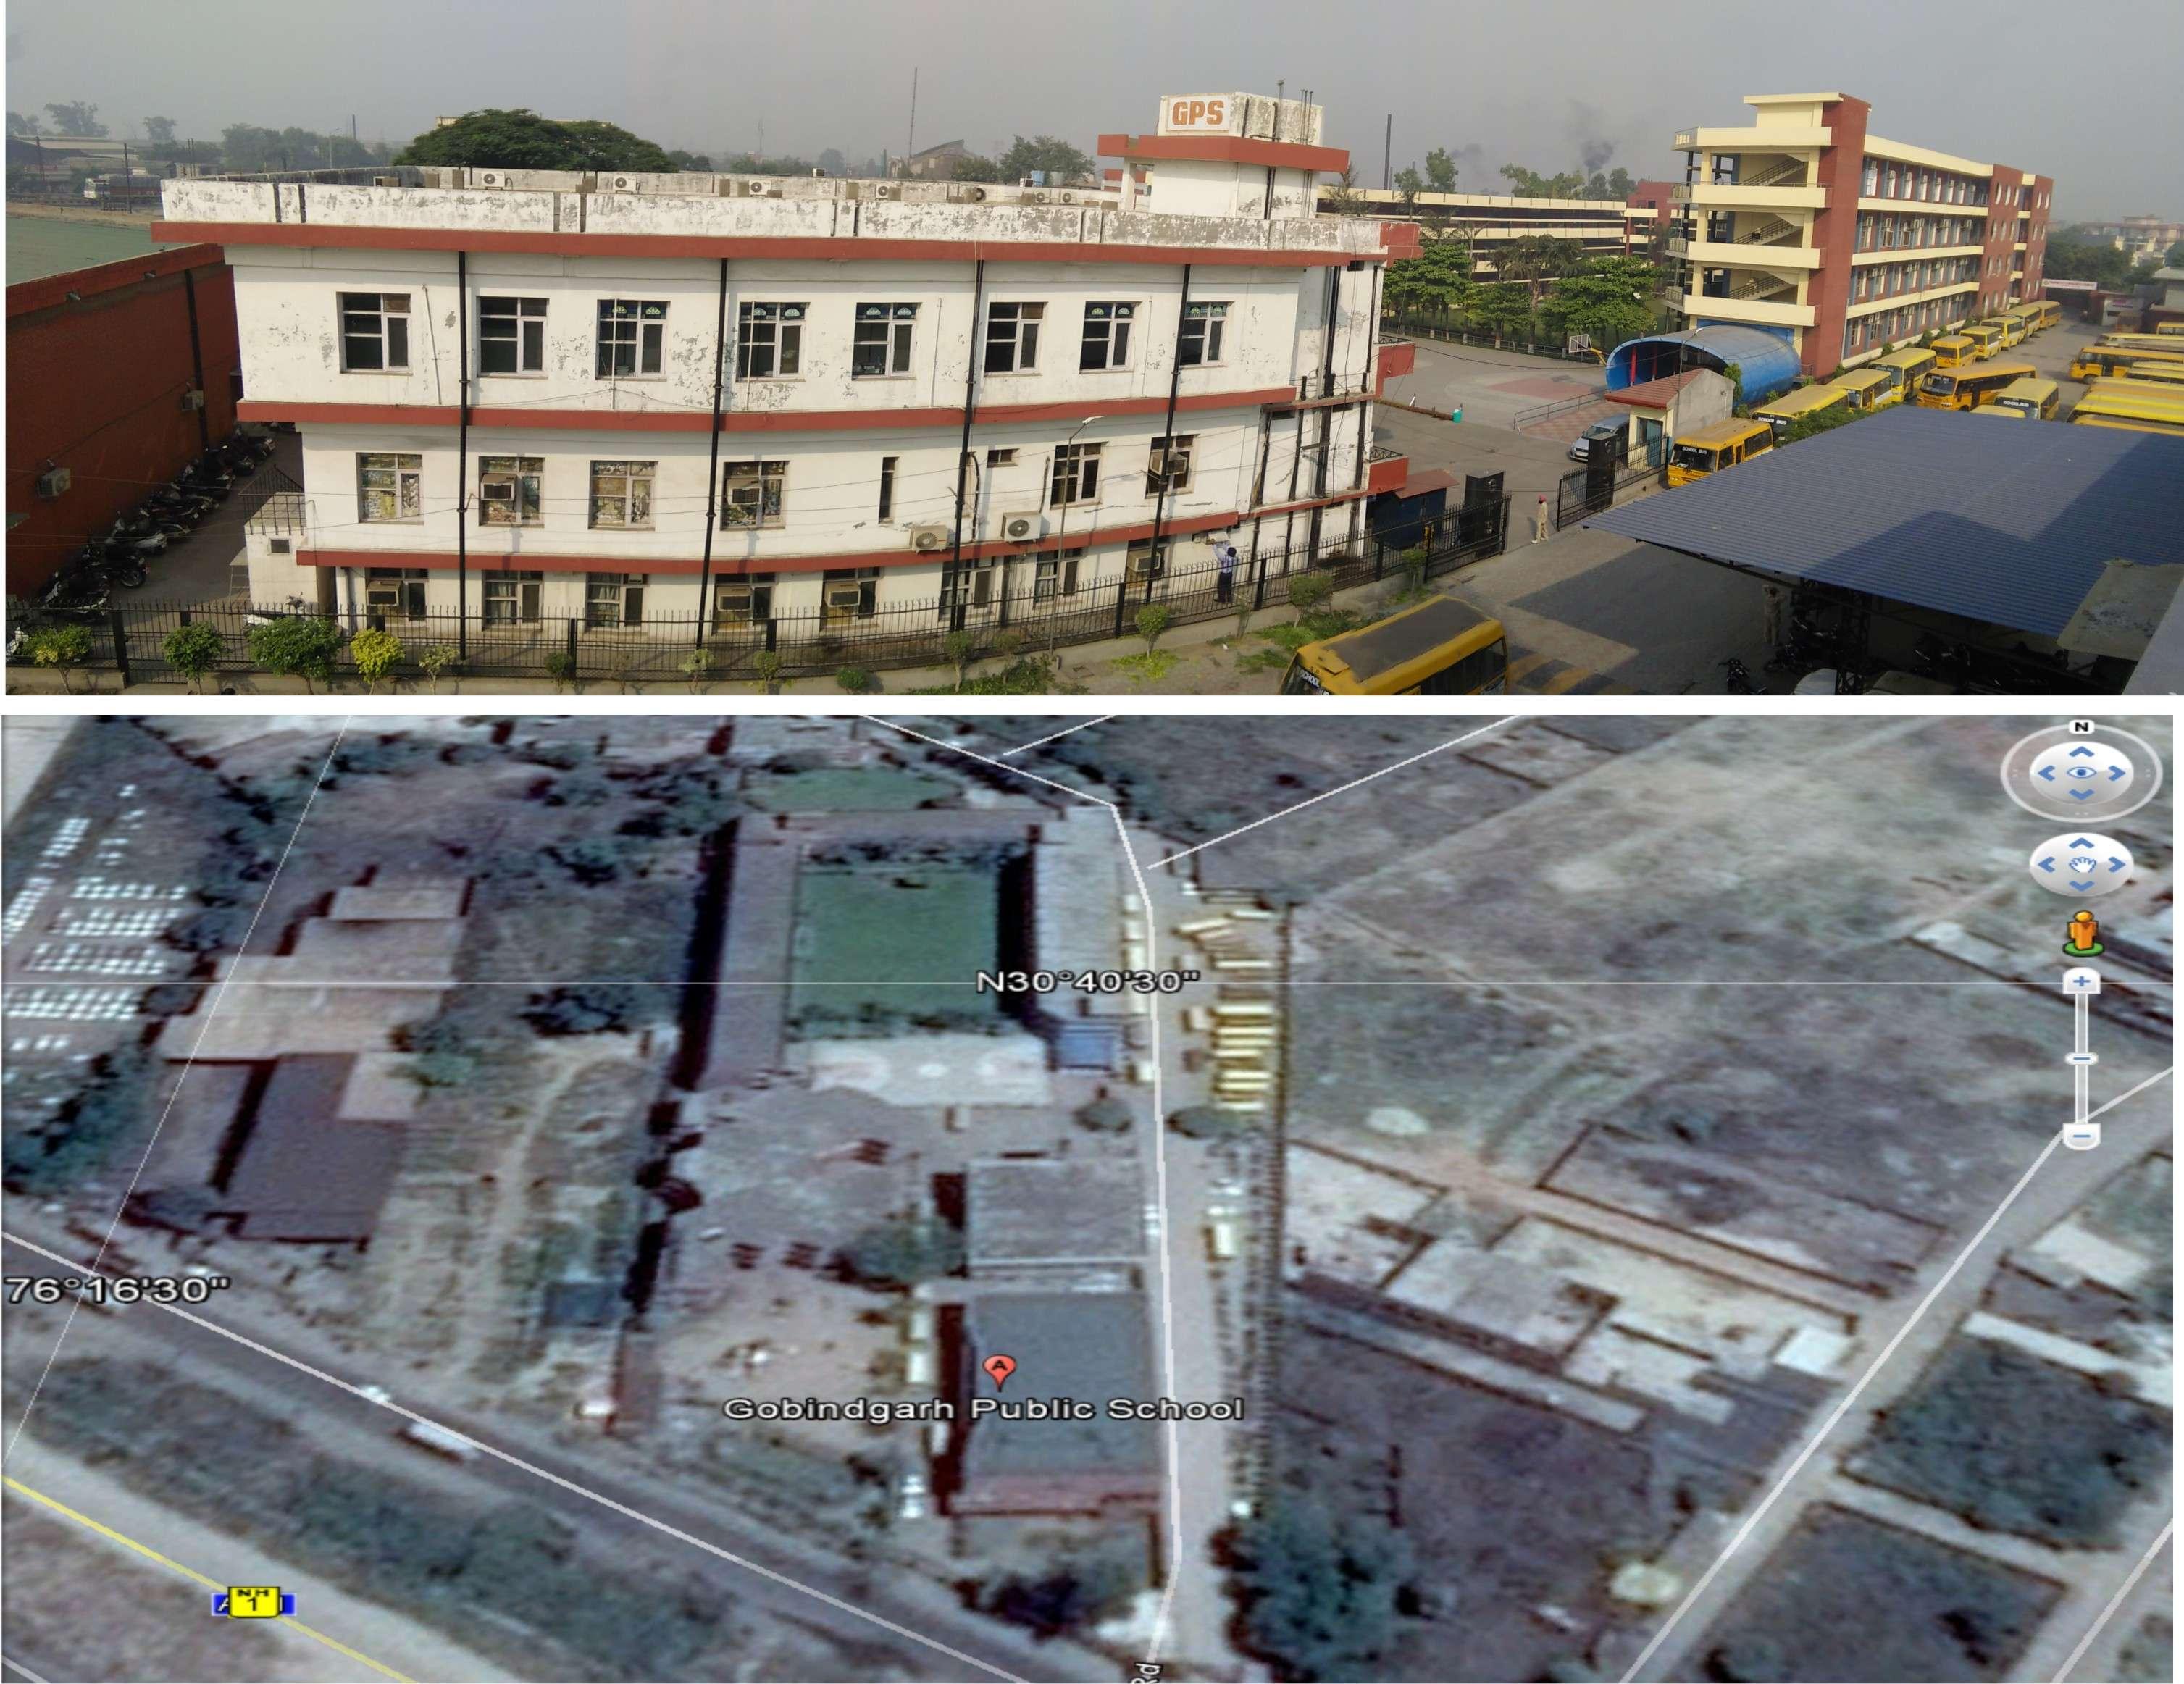 GOBINDGARH PUBLIC SCHOOL MANDI GOBIND GARH FATEHGARH SAHIB PUNJAB 1630063